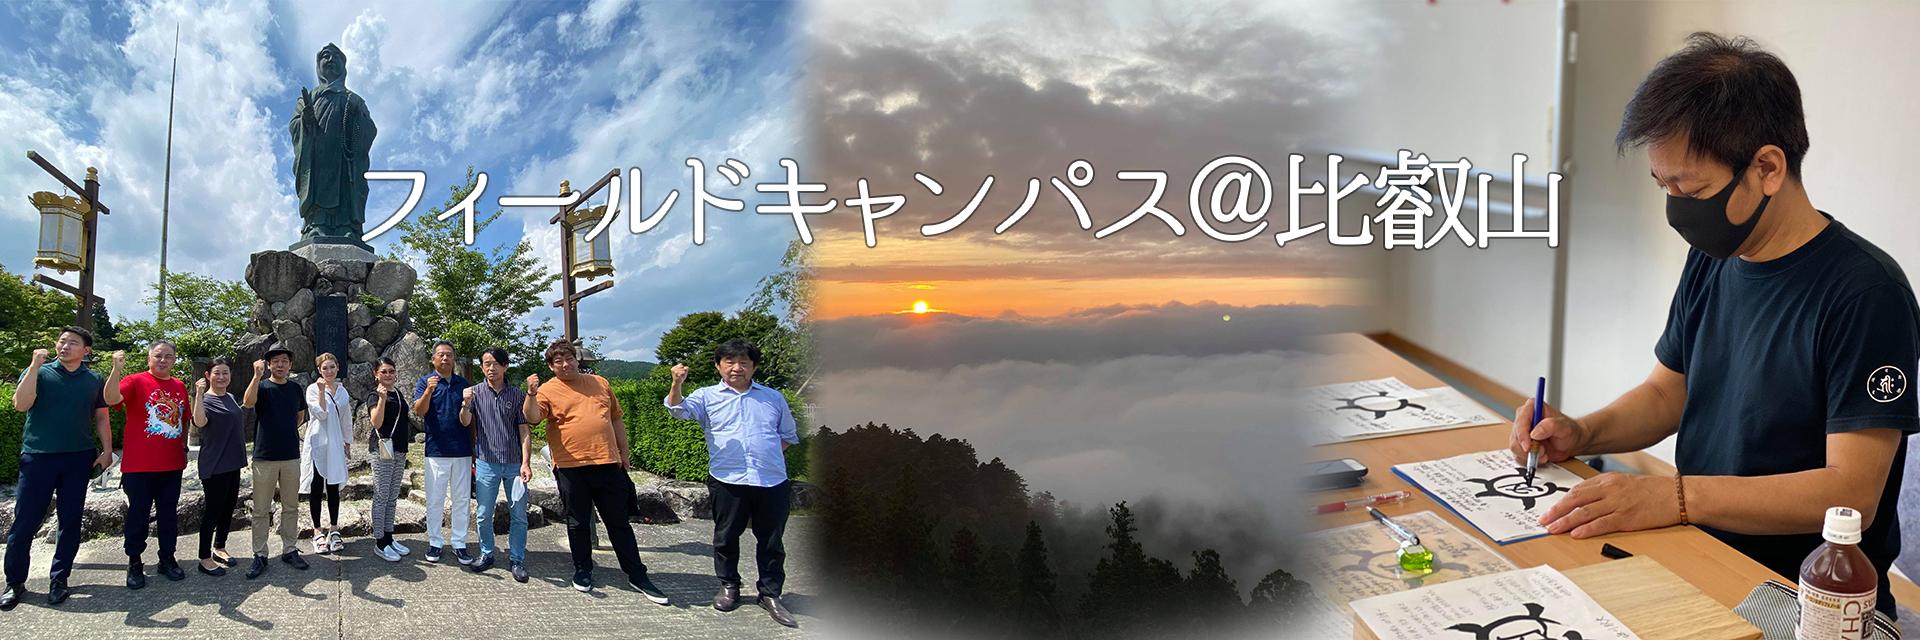 フィールドキャンパス@比叡山